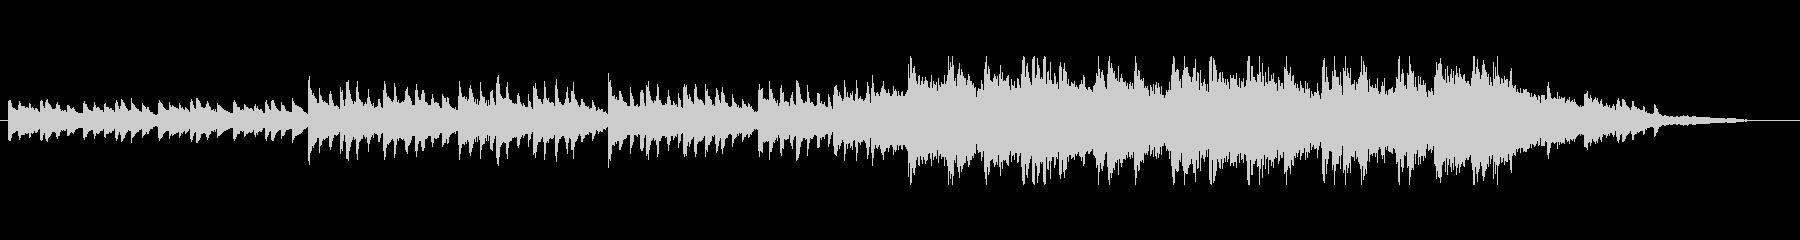 エモーショナルなピアノトラック(短縮版)の未再生の波形